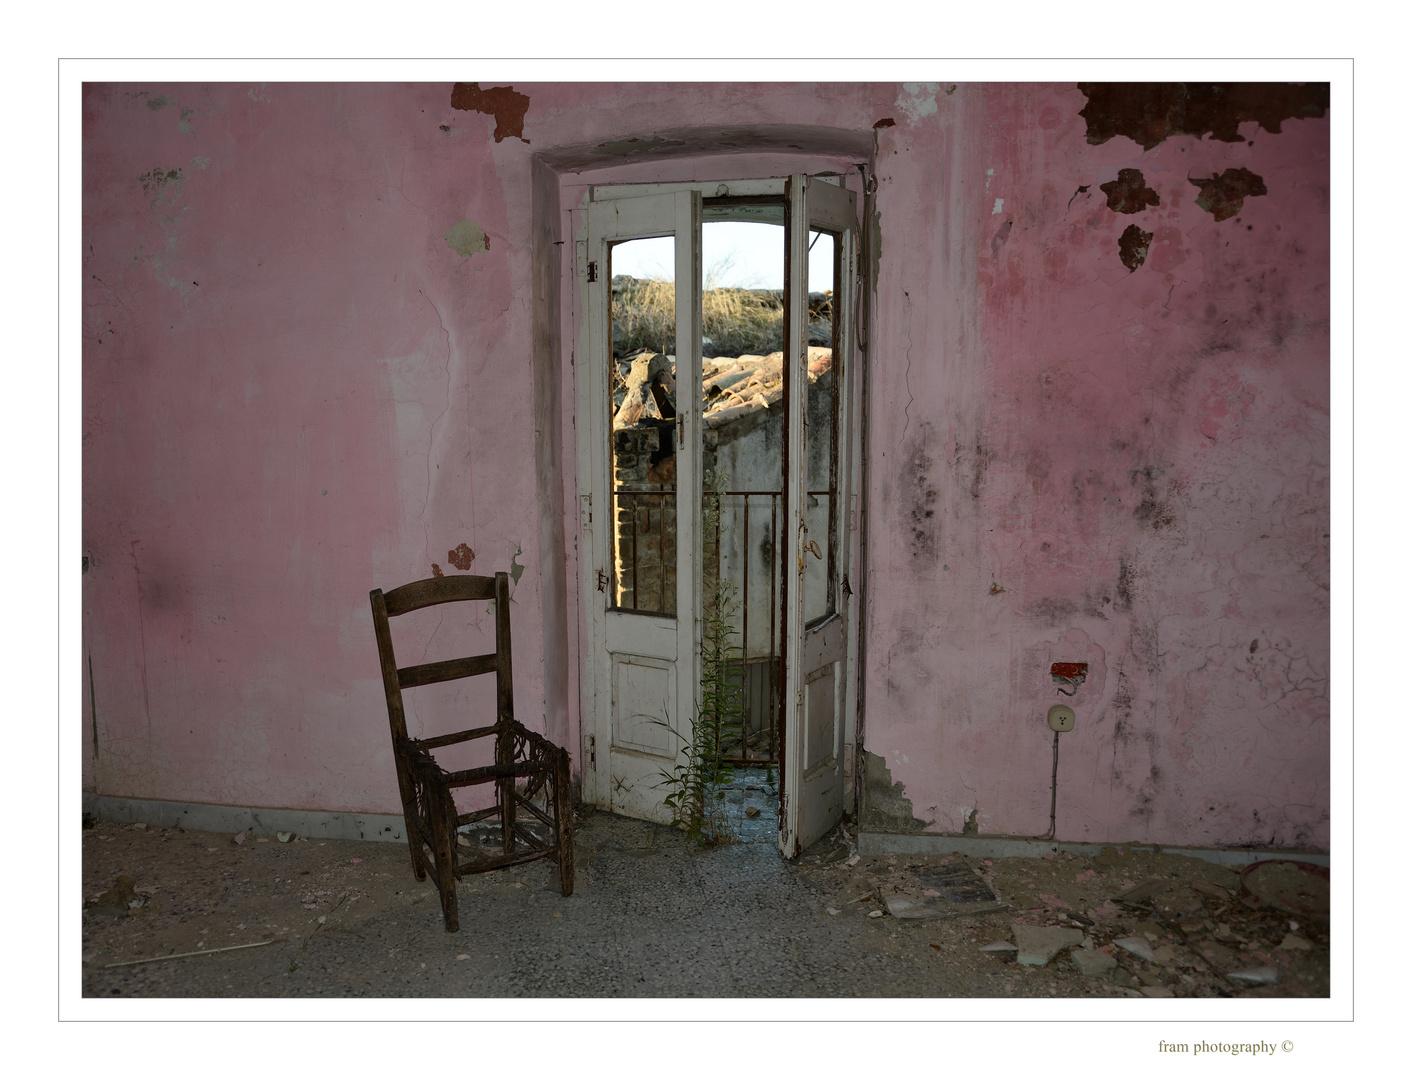 il silenzio dei luoghi - il muro rosa